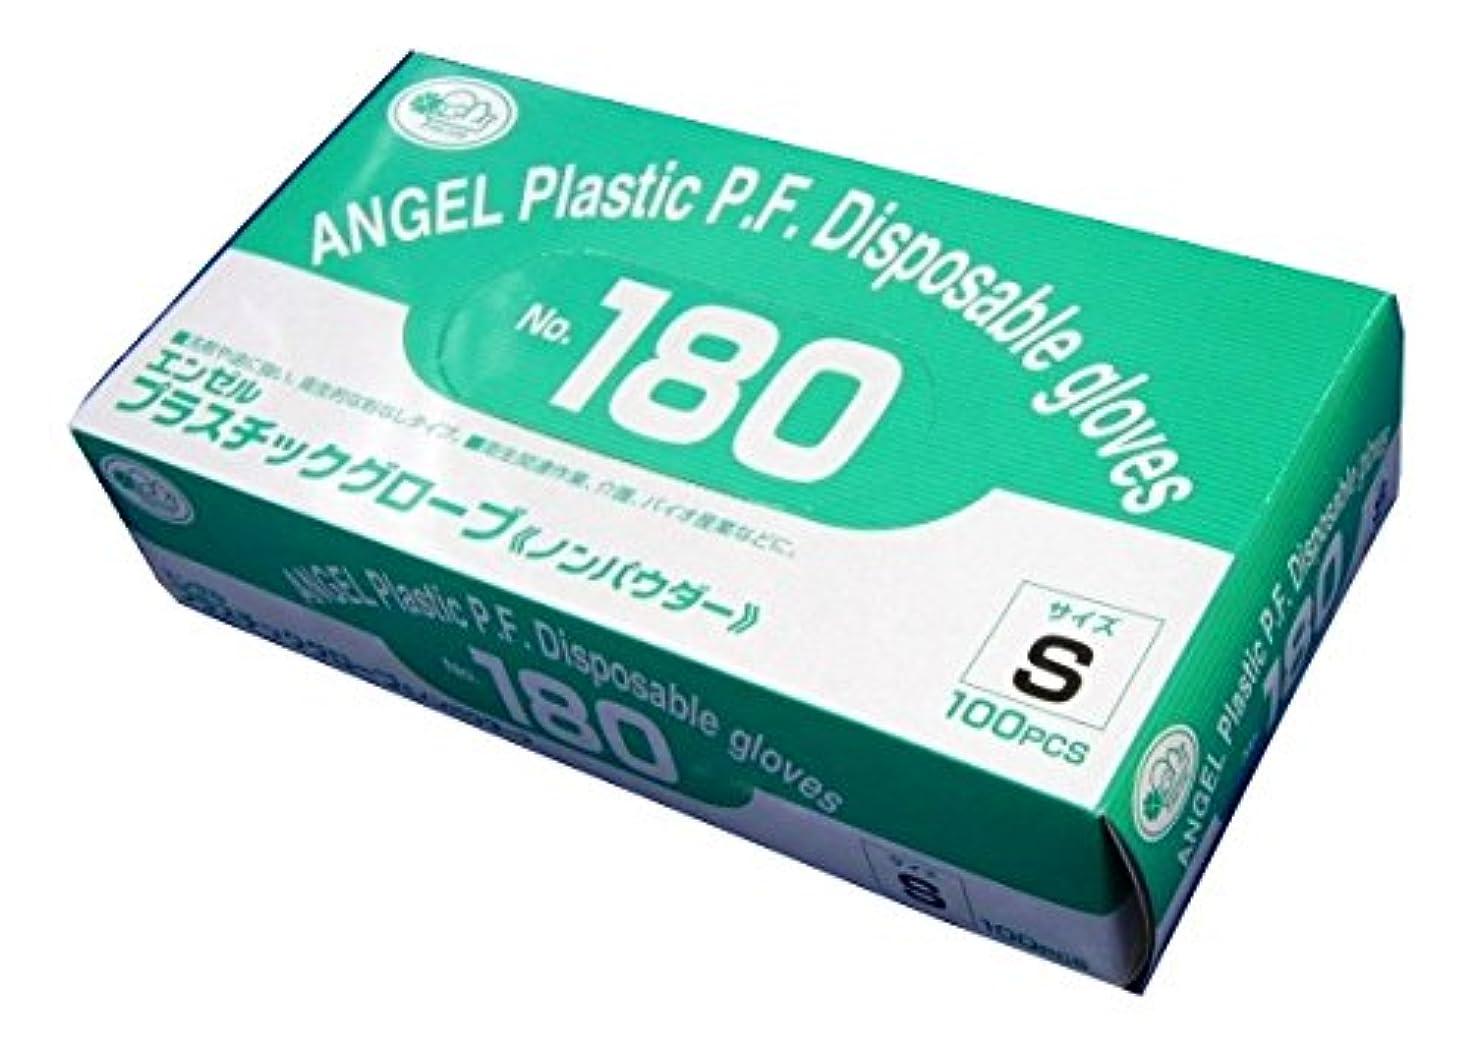 即席裁定引くサンフラワー [ケース]No.180 プラスチックグローブ ノンパウダー 100枚×20箱 (S)